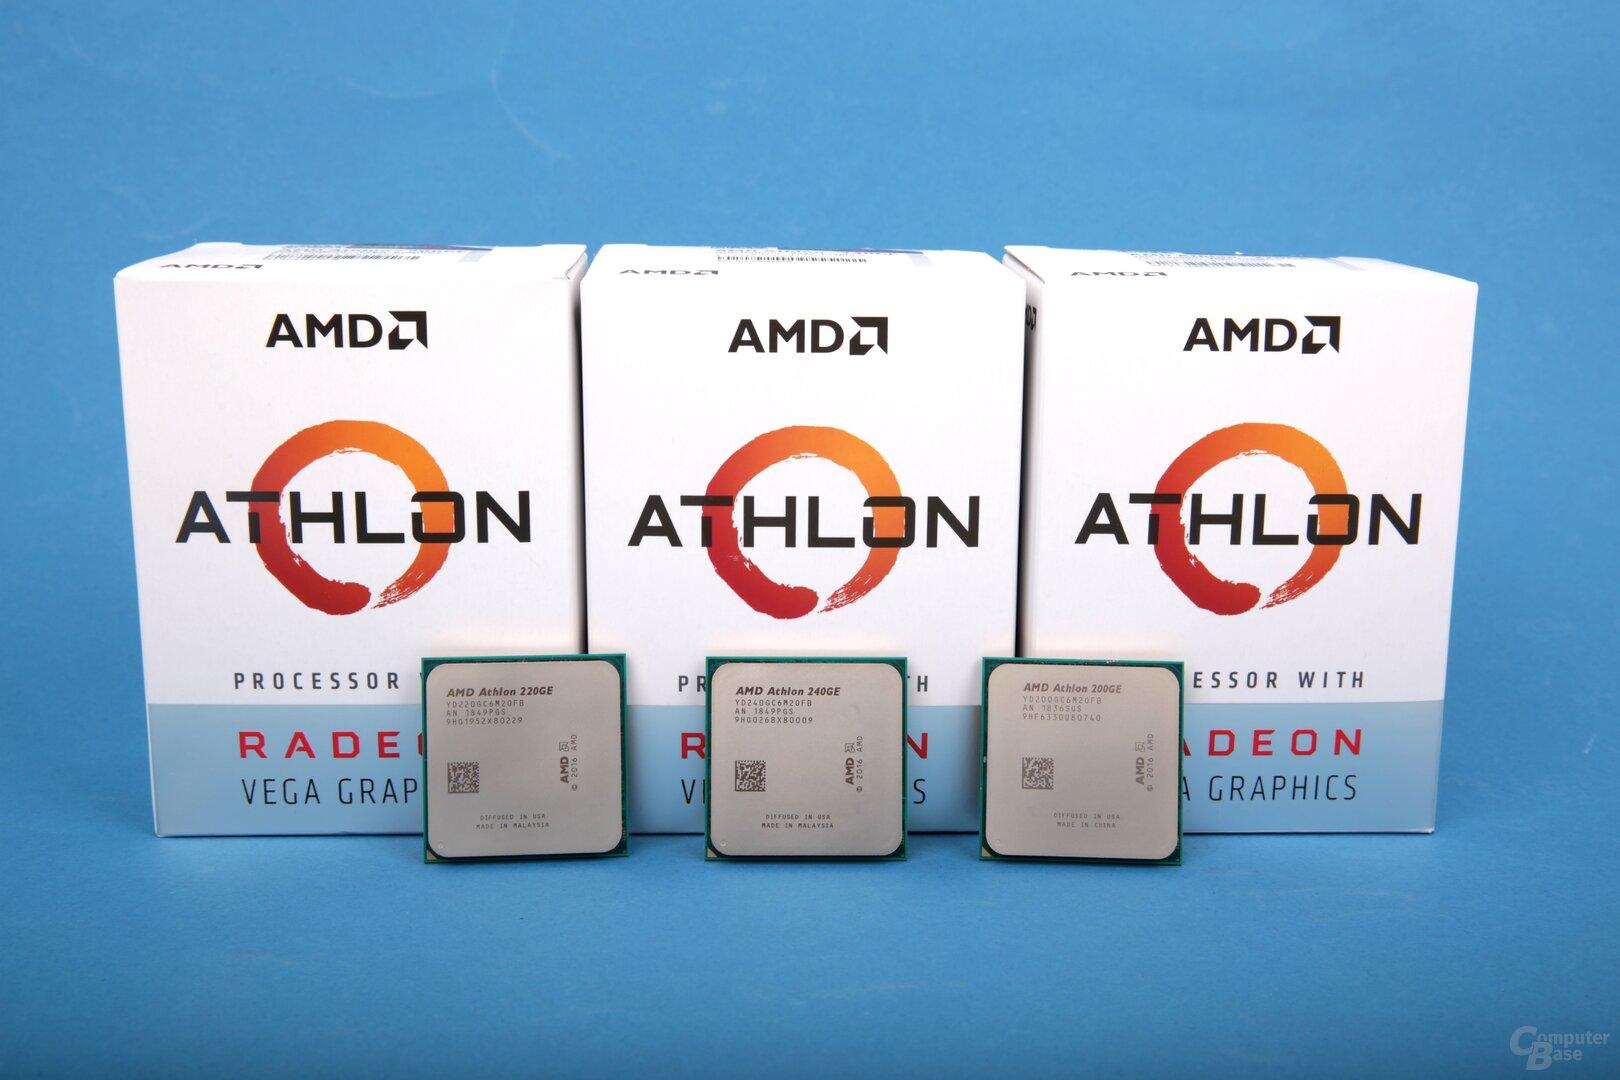 Drei Athlon GE im ComputerBase-Test